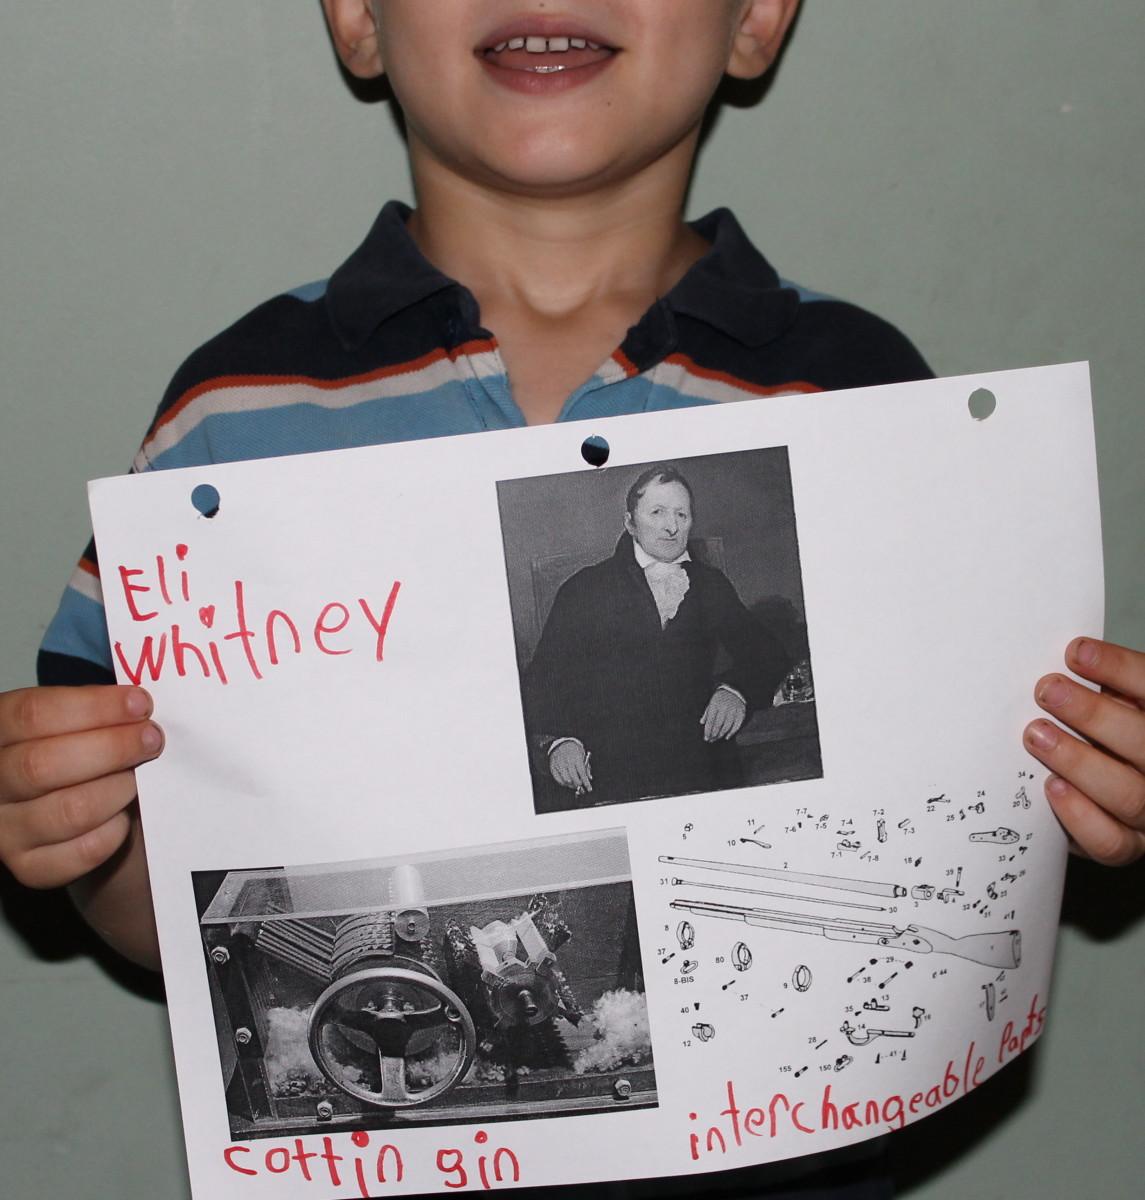 Student biography presentation on Eli Whitney